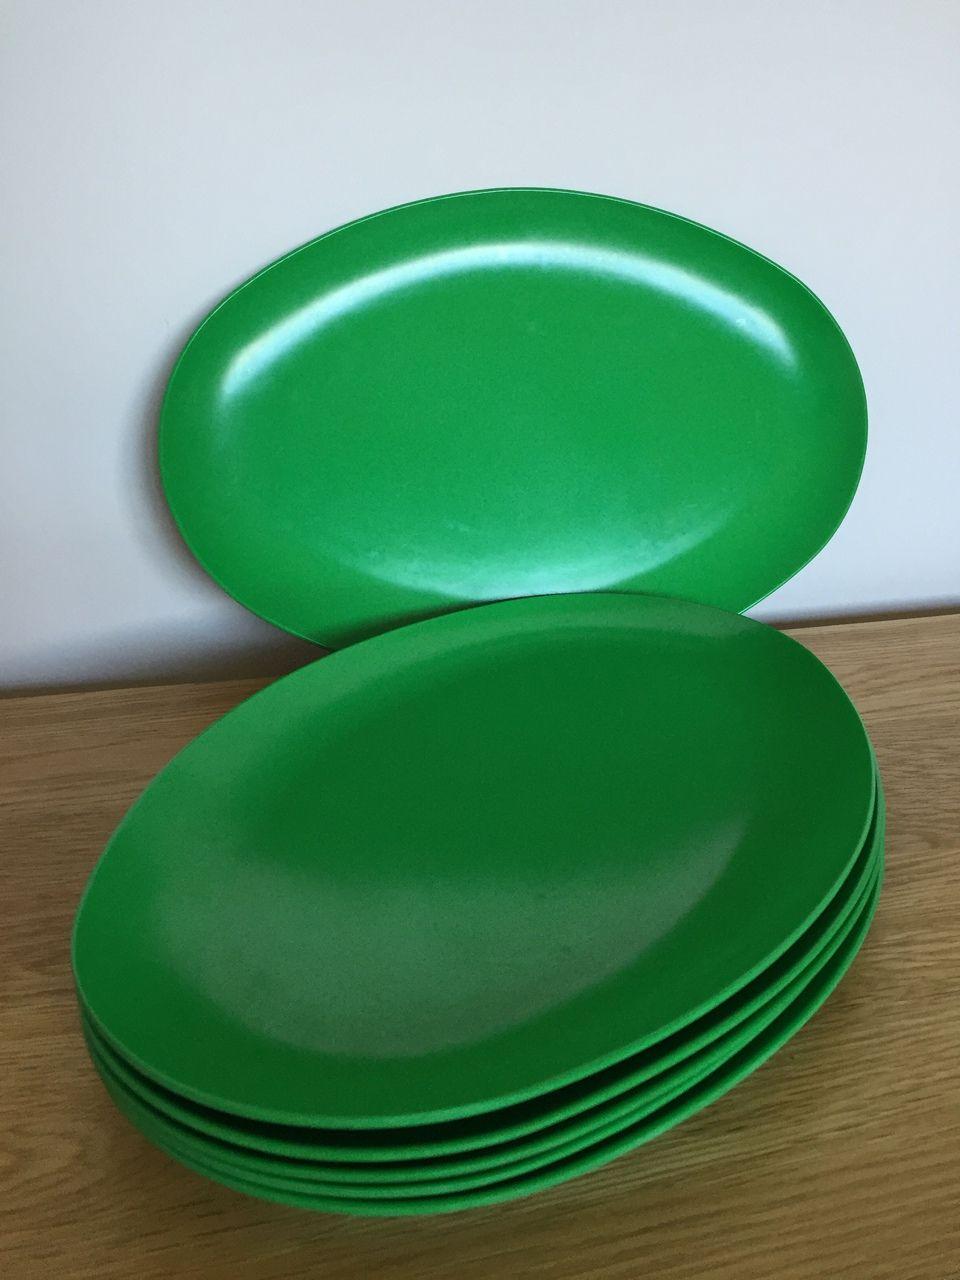 Emerald Green Retro Melamine Plates x 6 - As You Were & Emerald Green Retro Melamine Plates x 6 - As You Were | Melaware ...